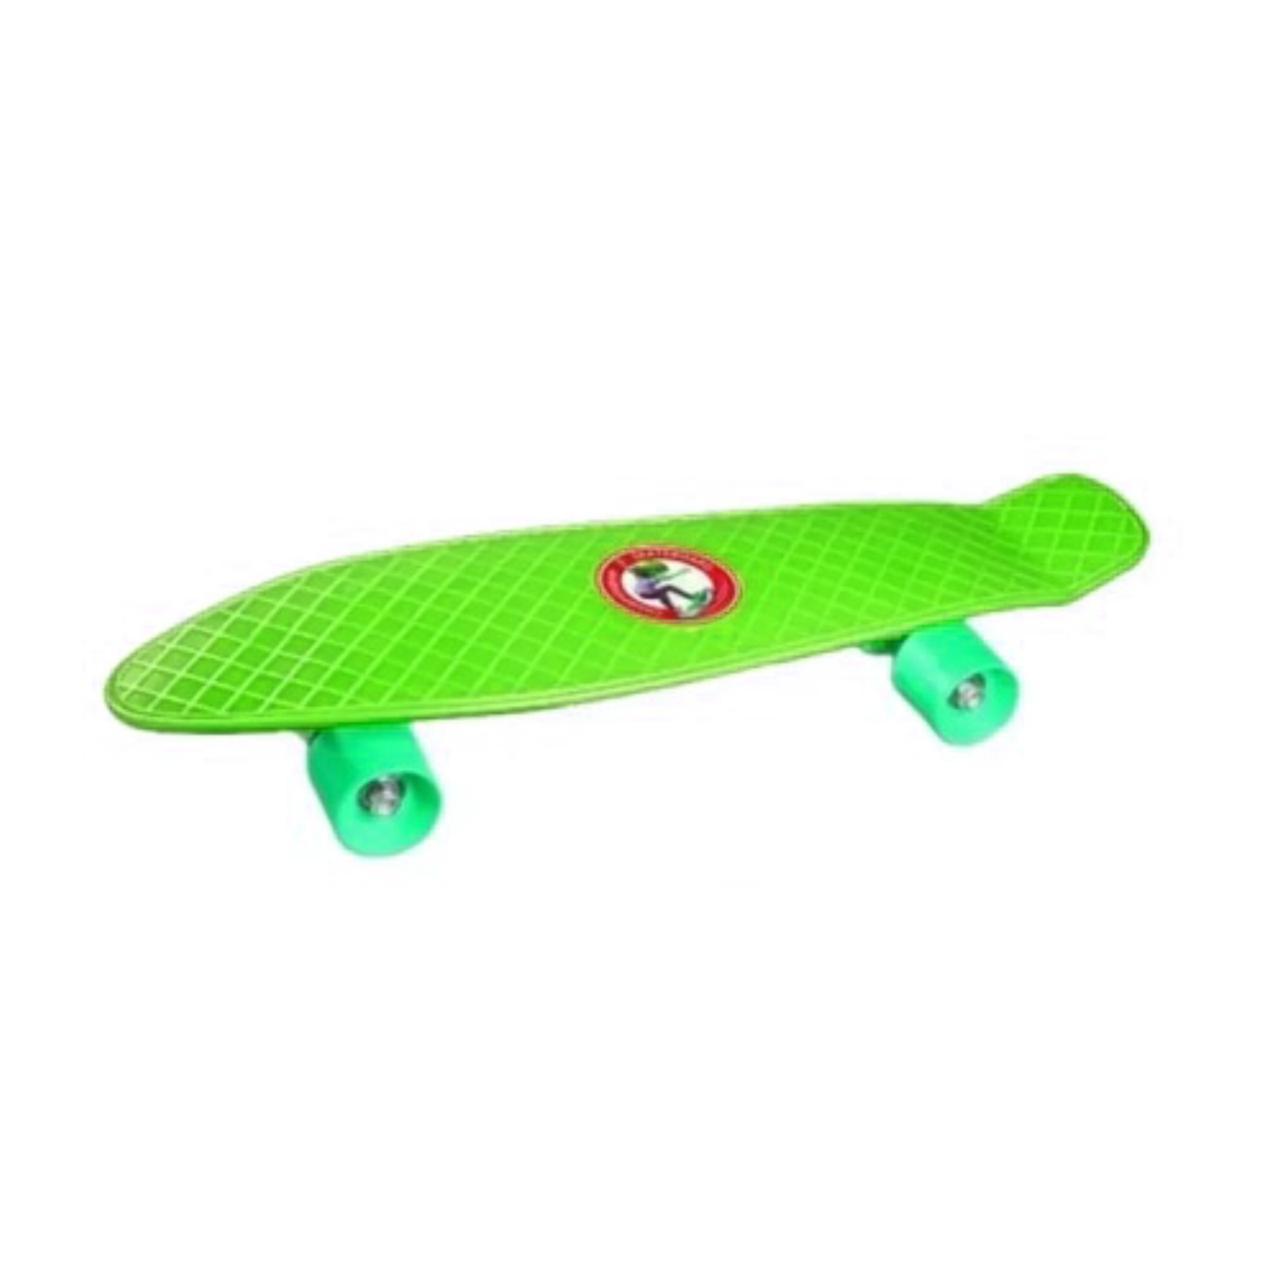 Skate Infantil Completo Shape Radical Iniciante Longboard Junior